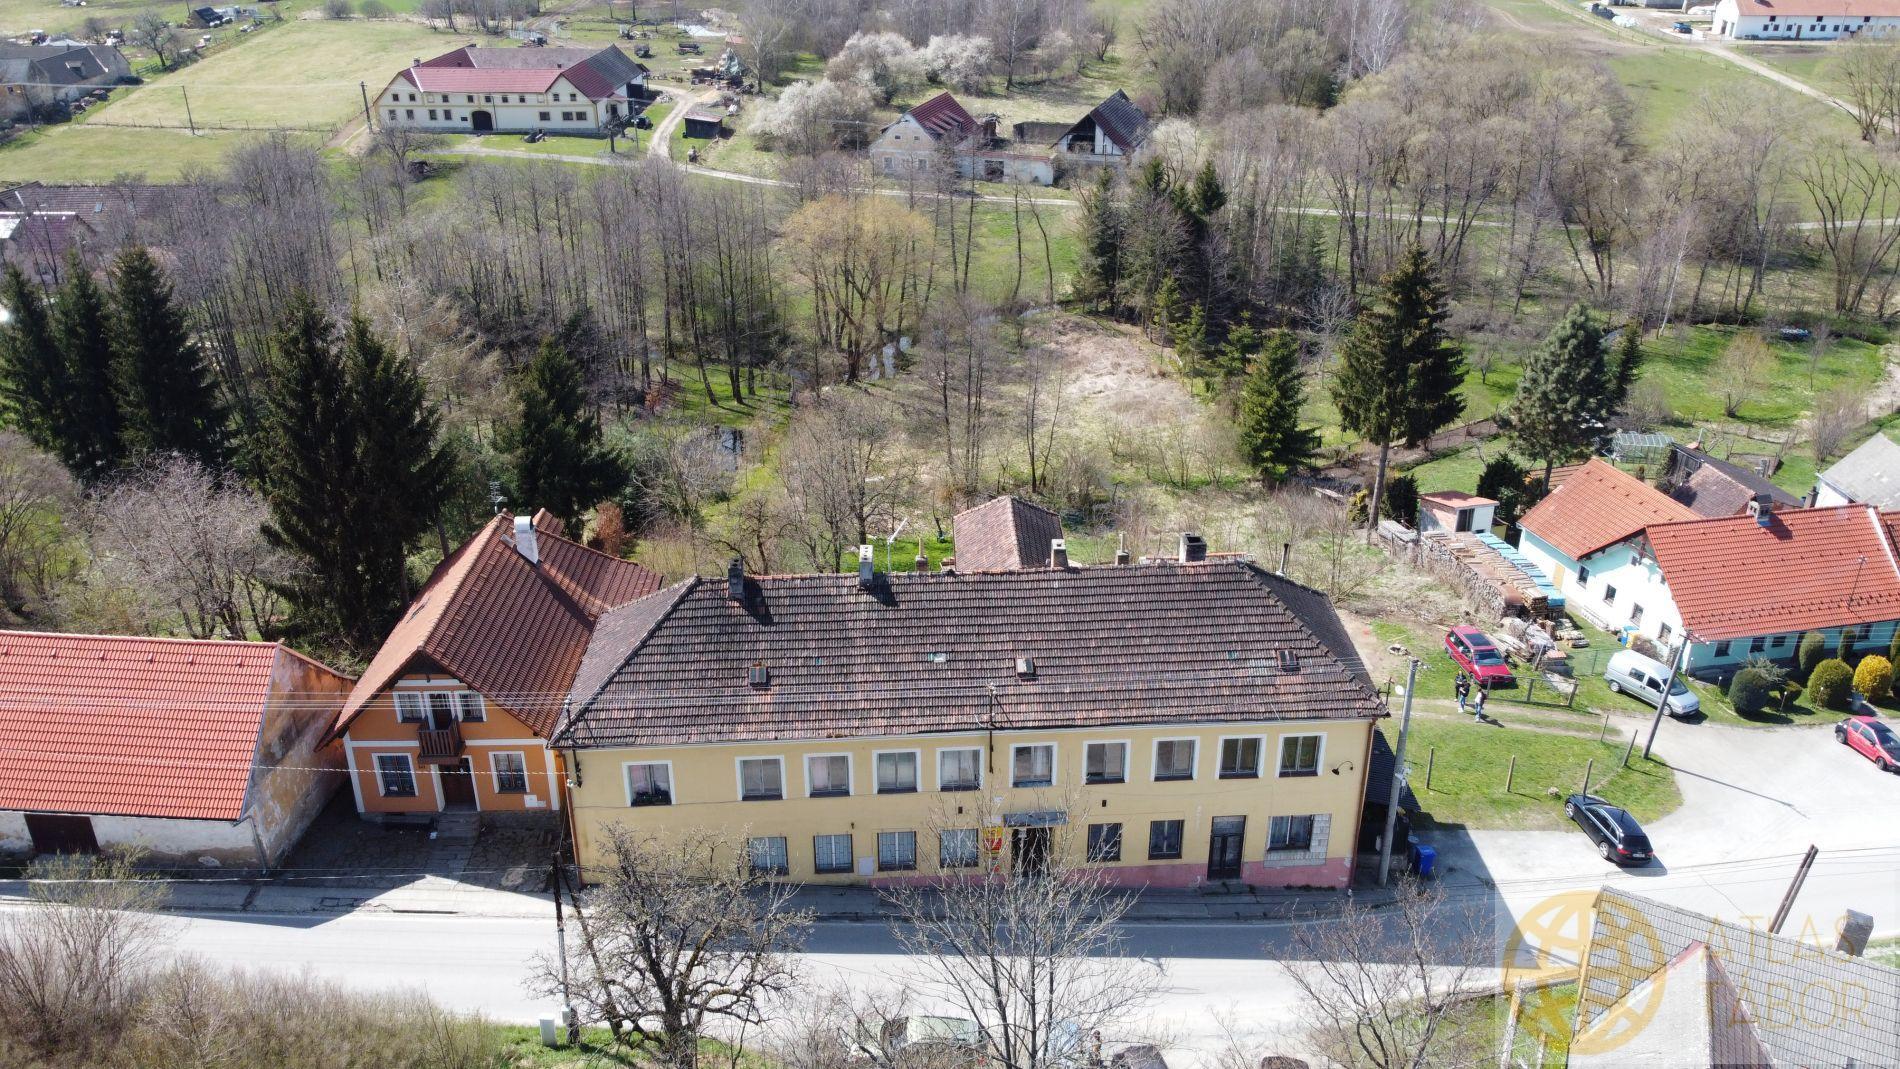 Prodej bytového domu  v obci Rychnov u Nových Hradů